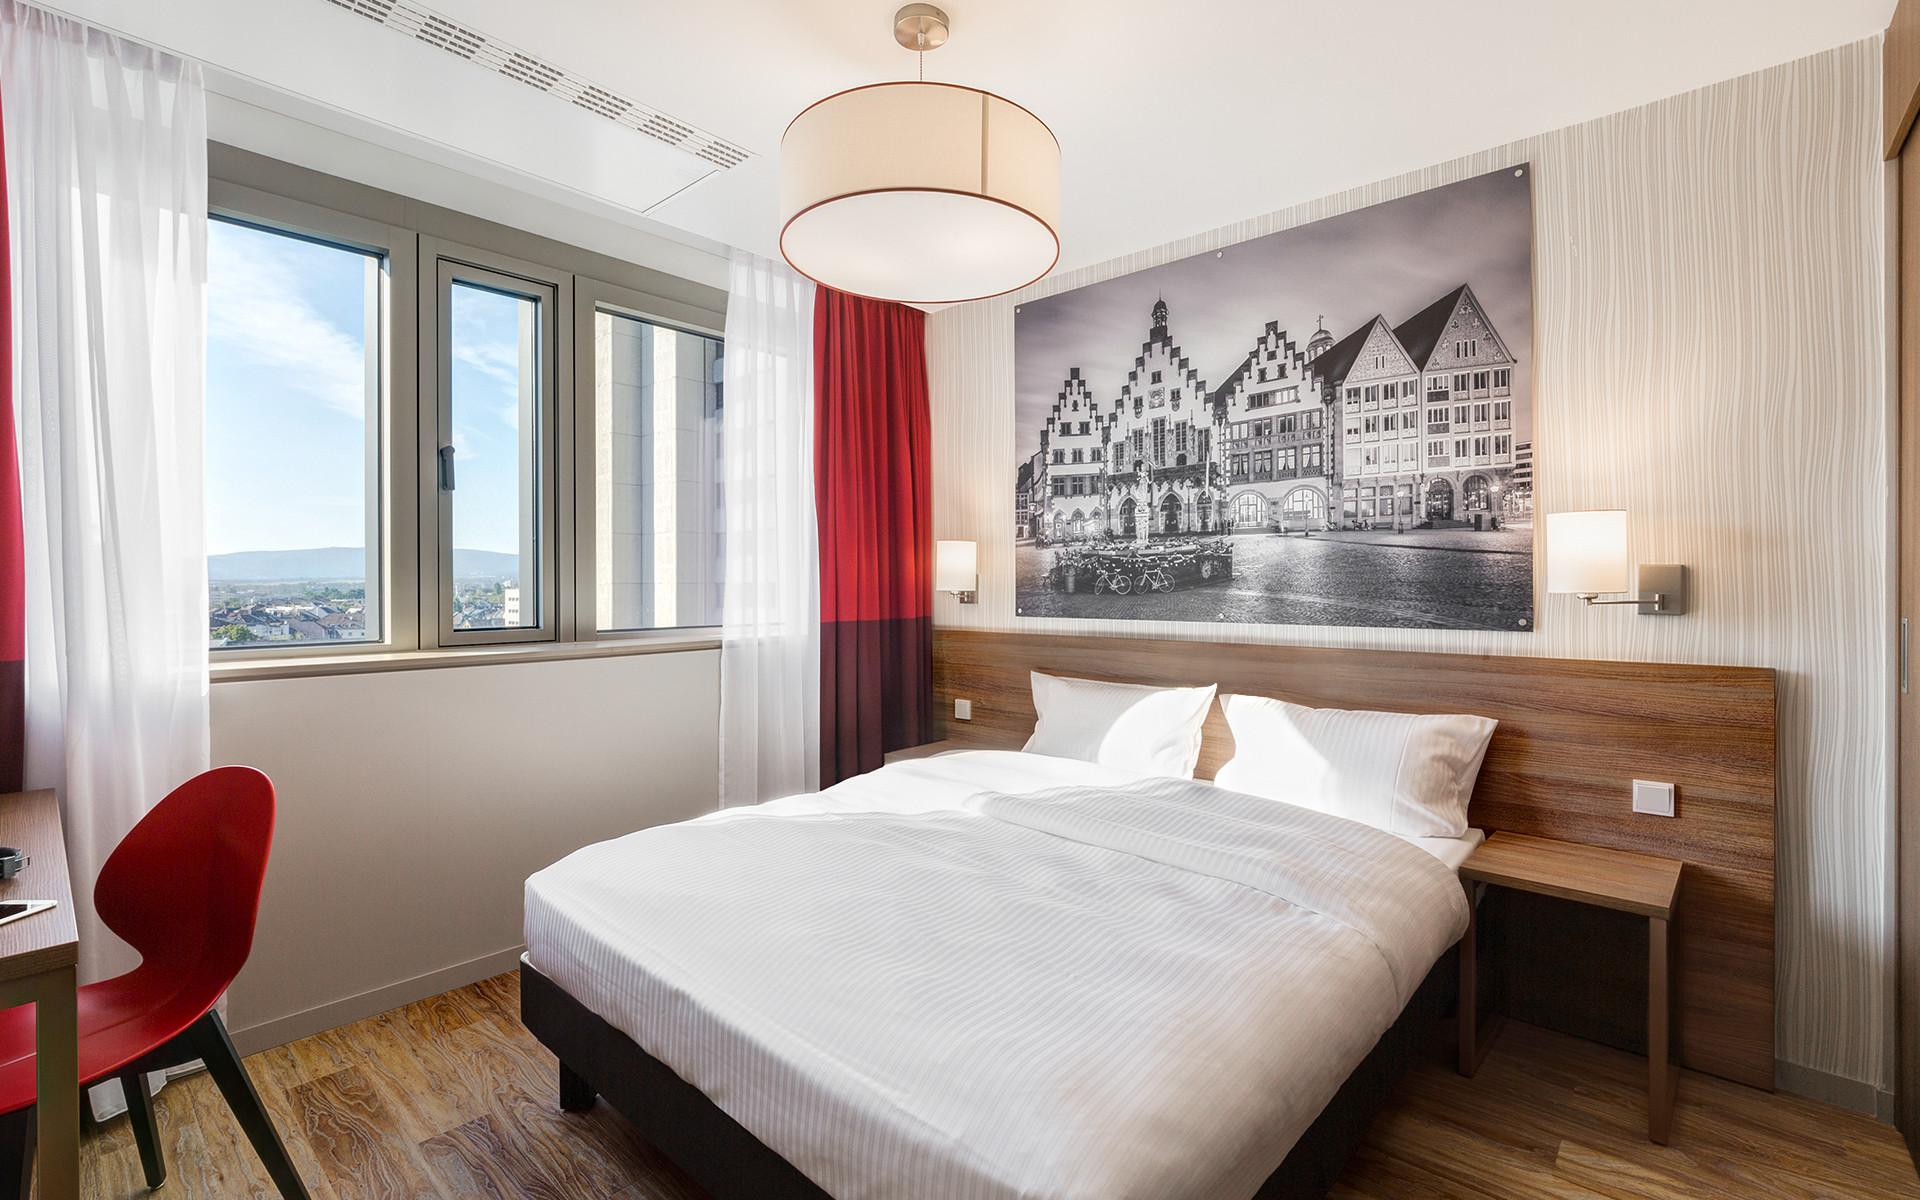 Aparthotel adagio frankfurt city messe success hotel group for Apart hotel adagio